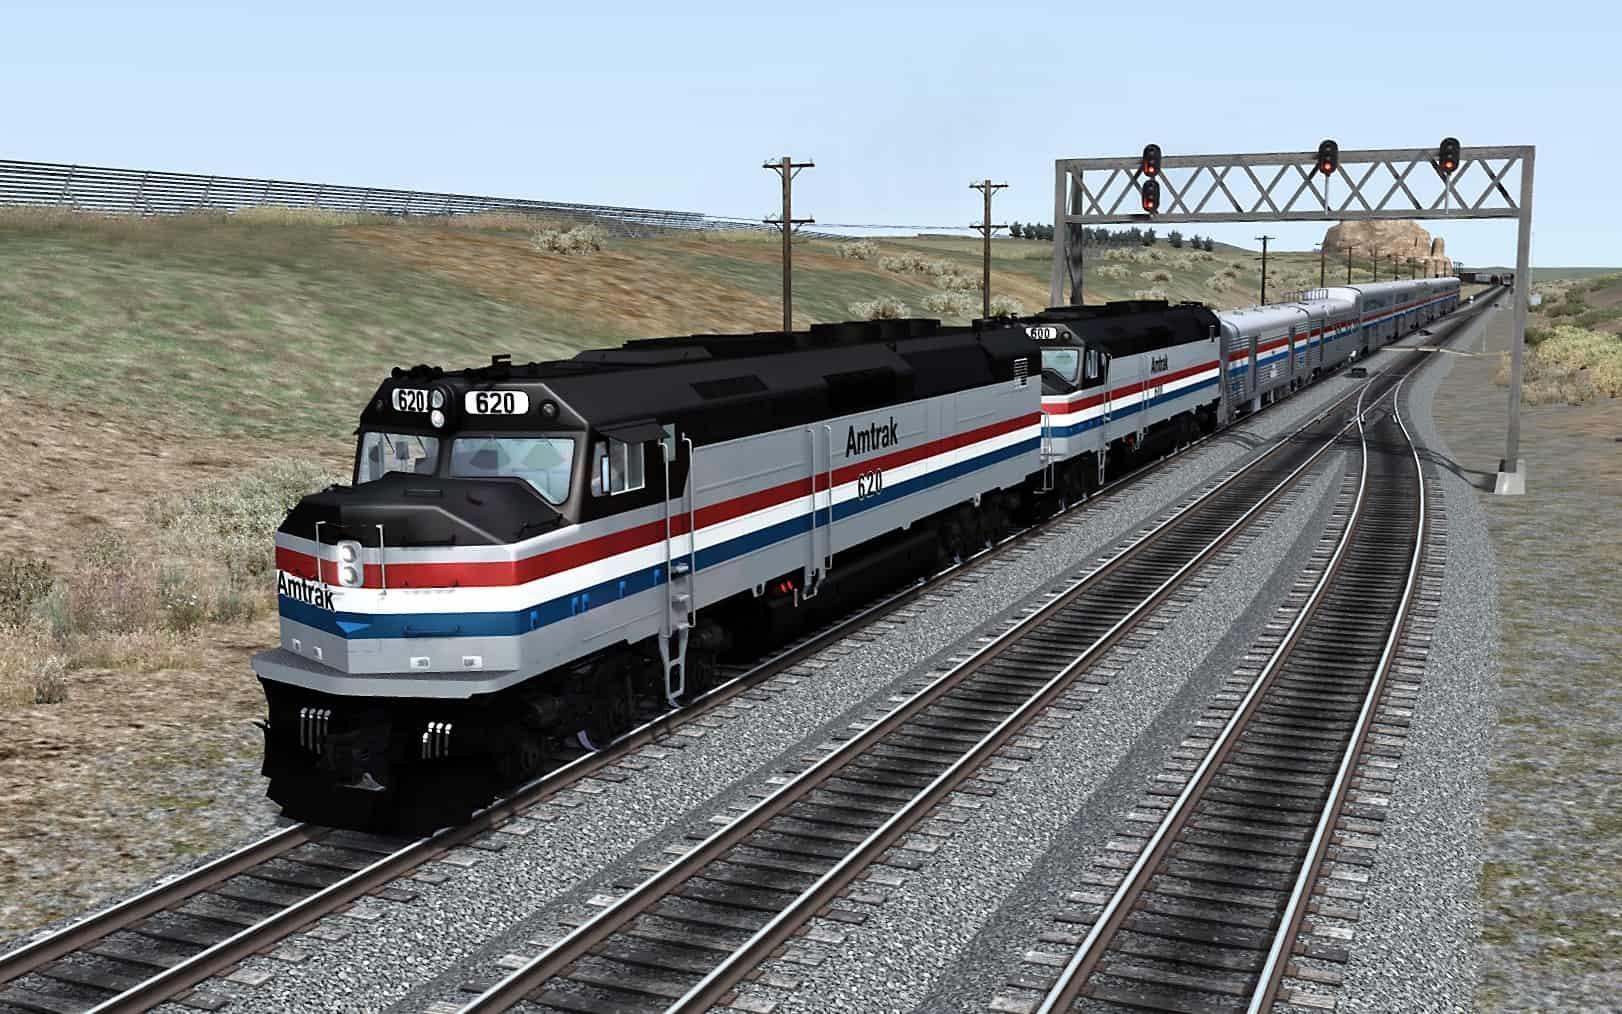 SDR-06